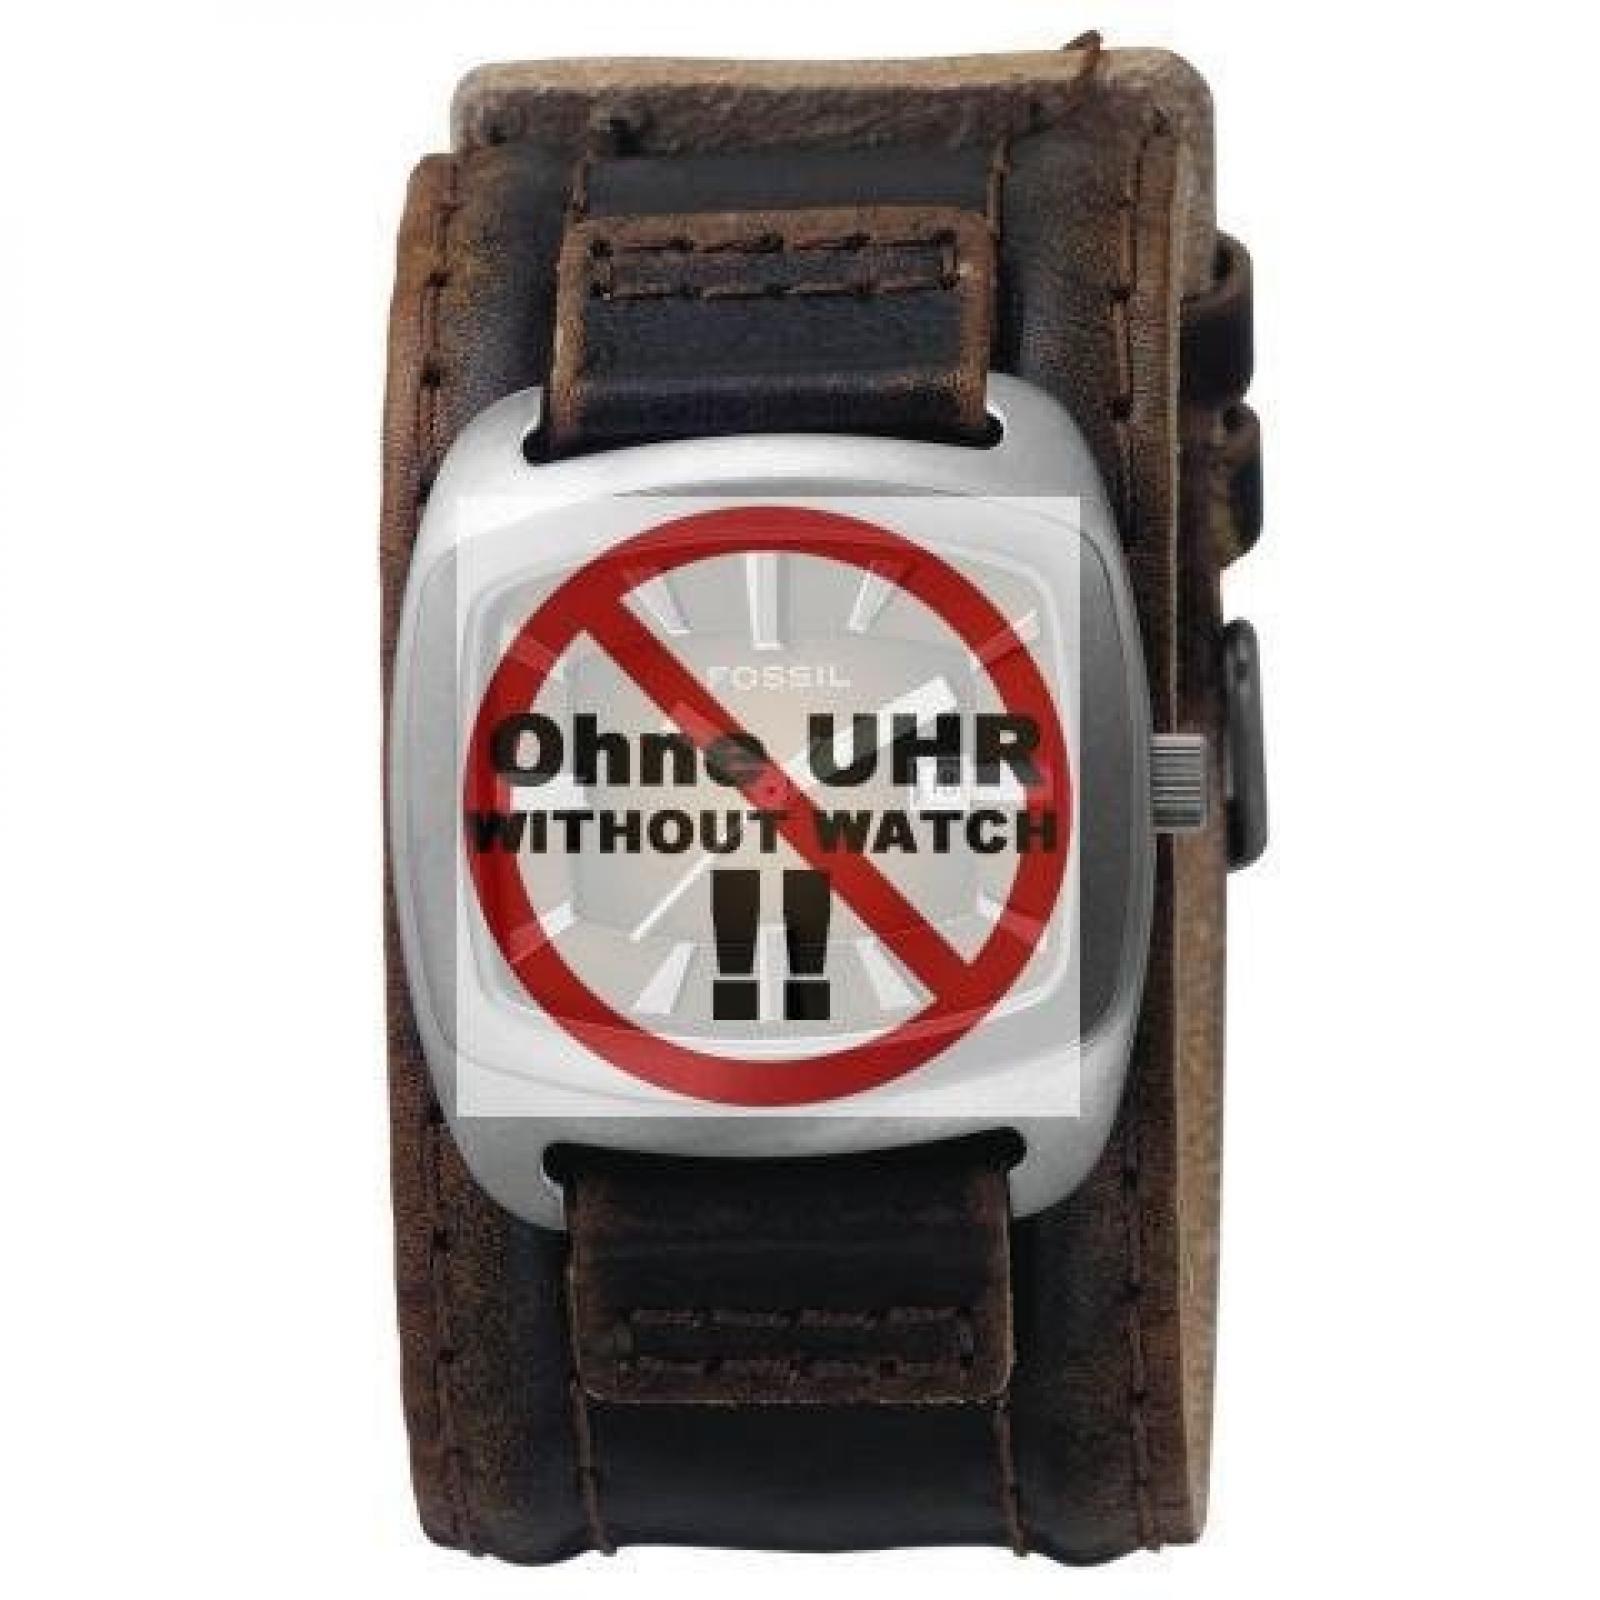 Fossil Uhrband Ersatzband Uhrenarmband Wechselarmband LB-JR9156 Original Lederband für JR 9156